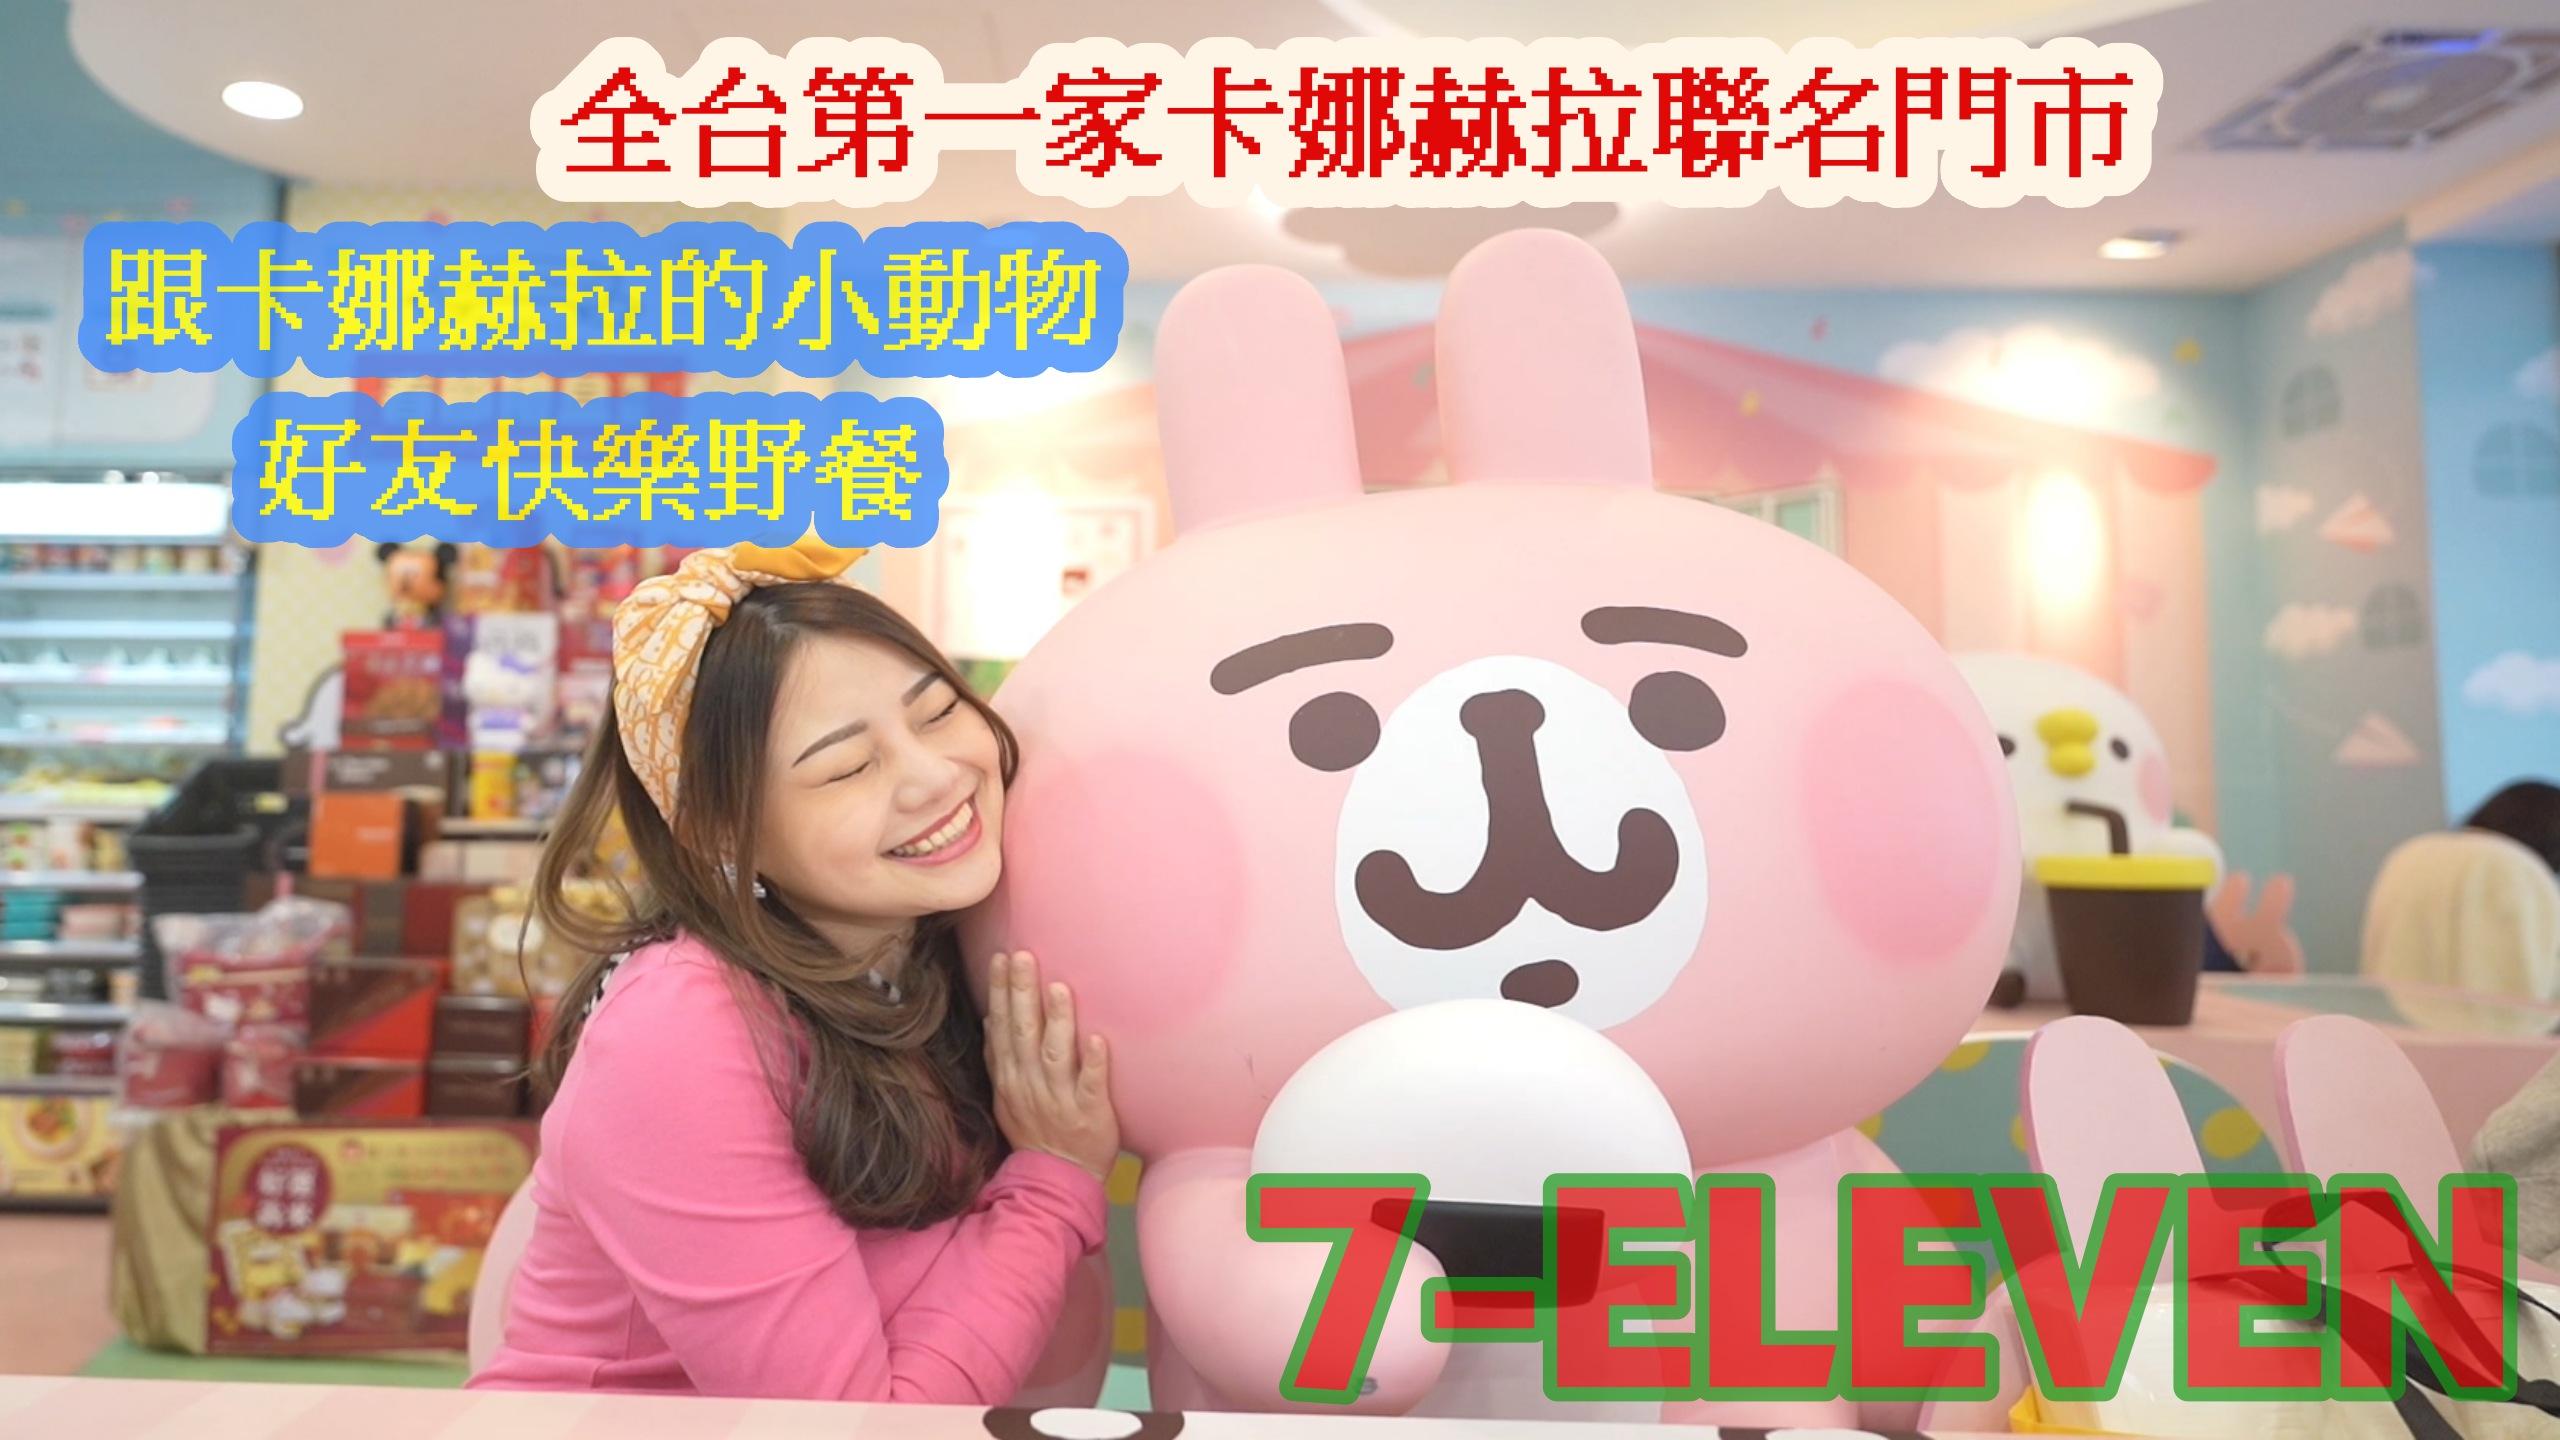 [7-11特色門市]粉紅兔兔也太可愛 台灣第一間7-11卡娜赫拉聯名門市 各種卡娜赫拉周邊商品跟聯名飲料杯,這麼好拍你去過了嗎  7-11威克門市 南京復興站 @跳躍的宅男